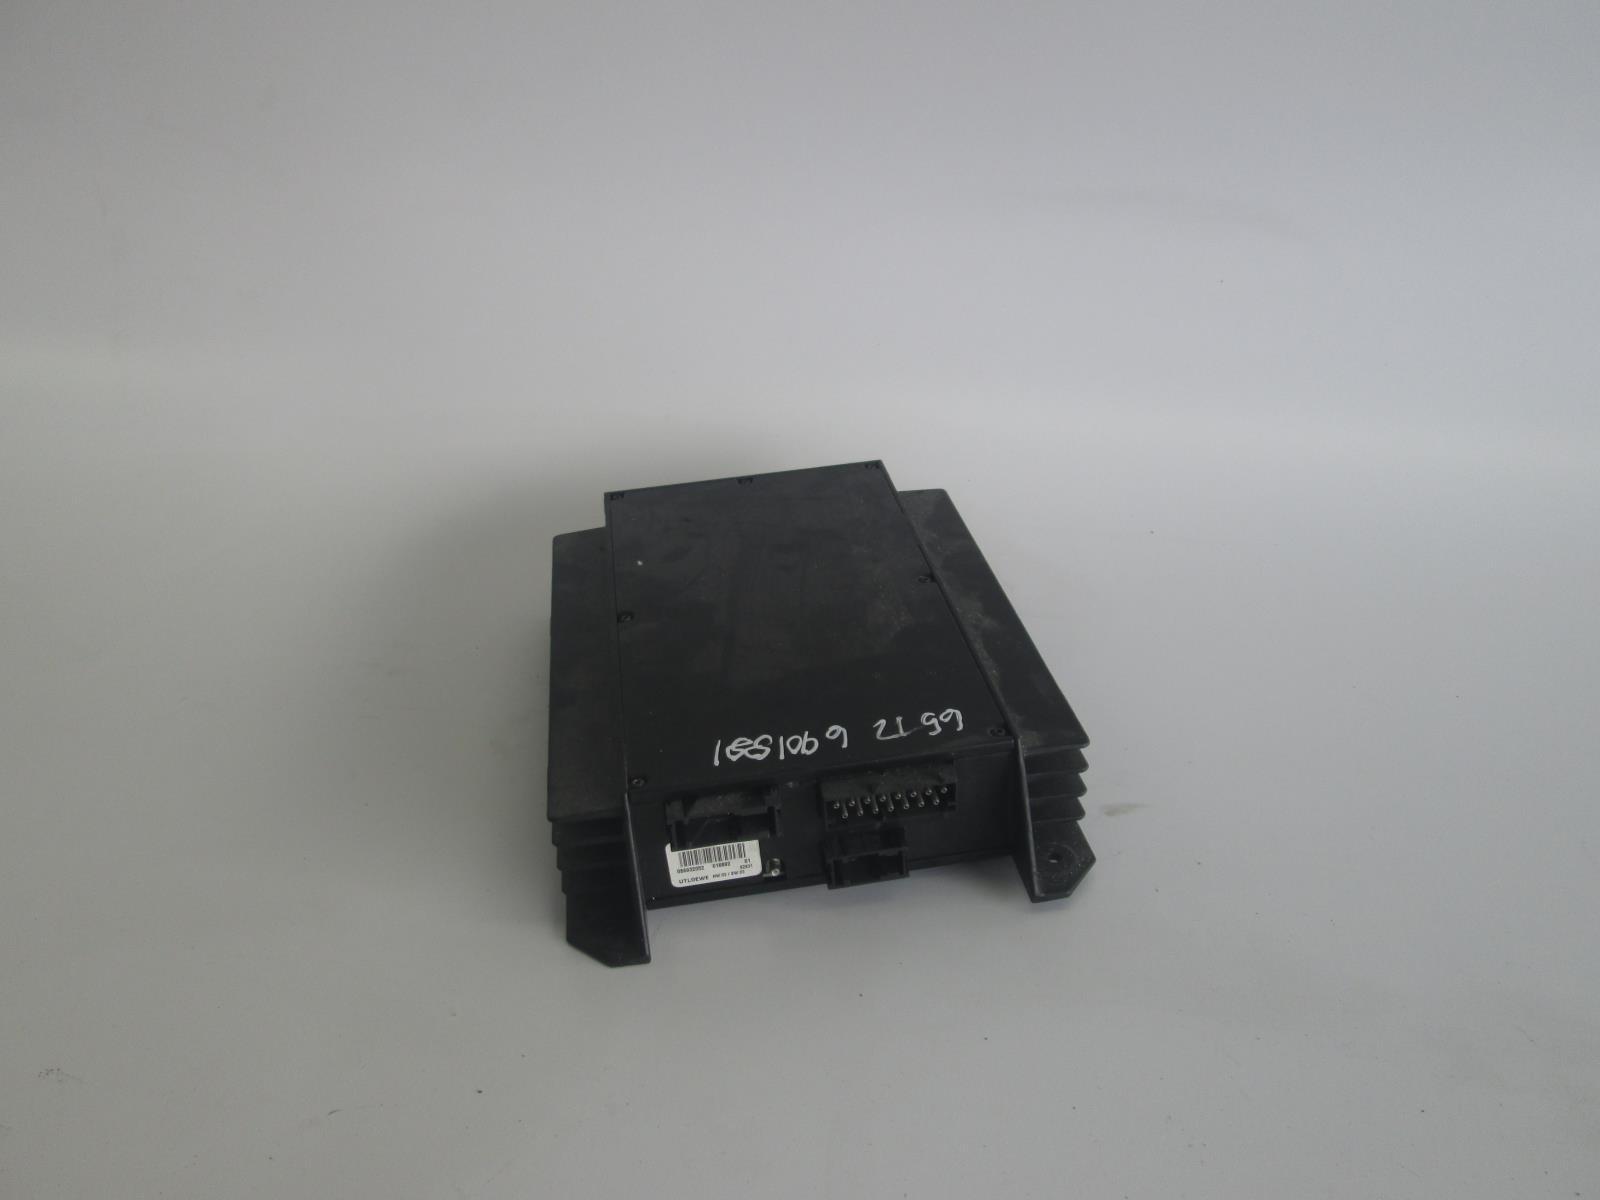 Bmw E38 E39 Radio Amplifier 65126901881 Allums Import